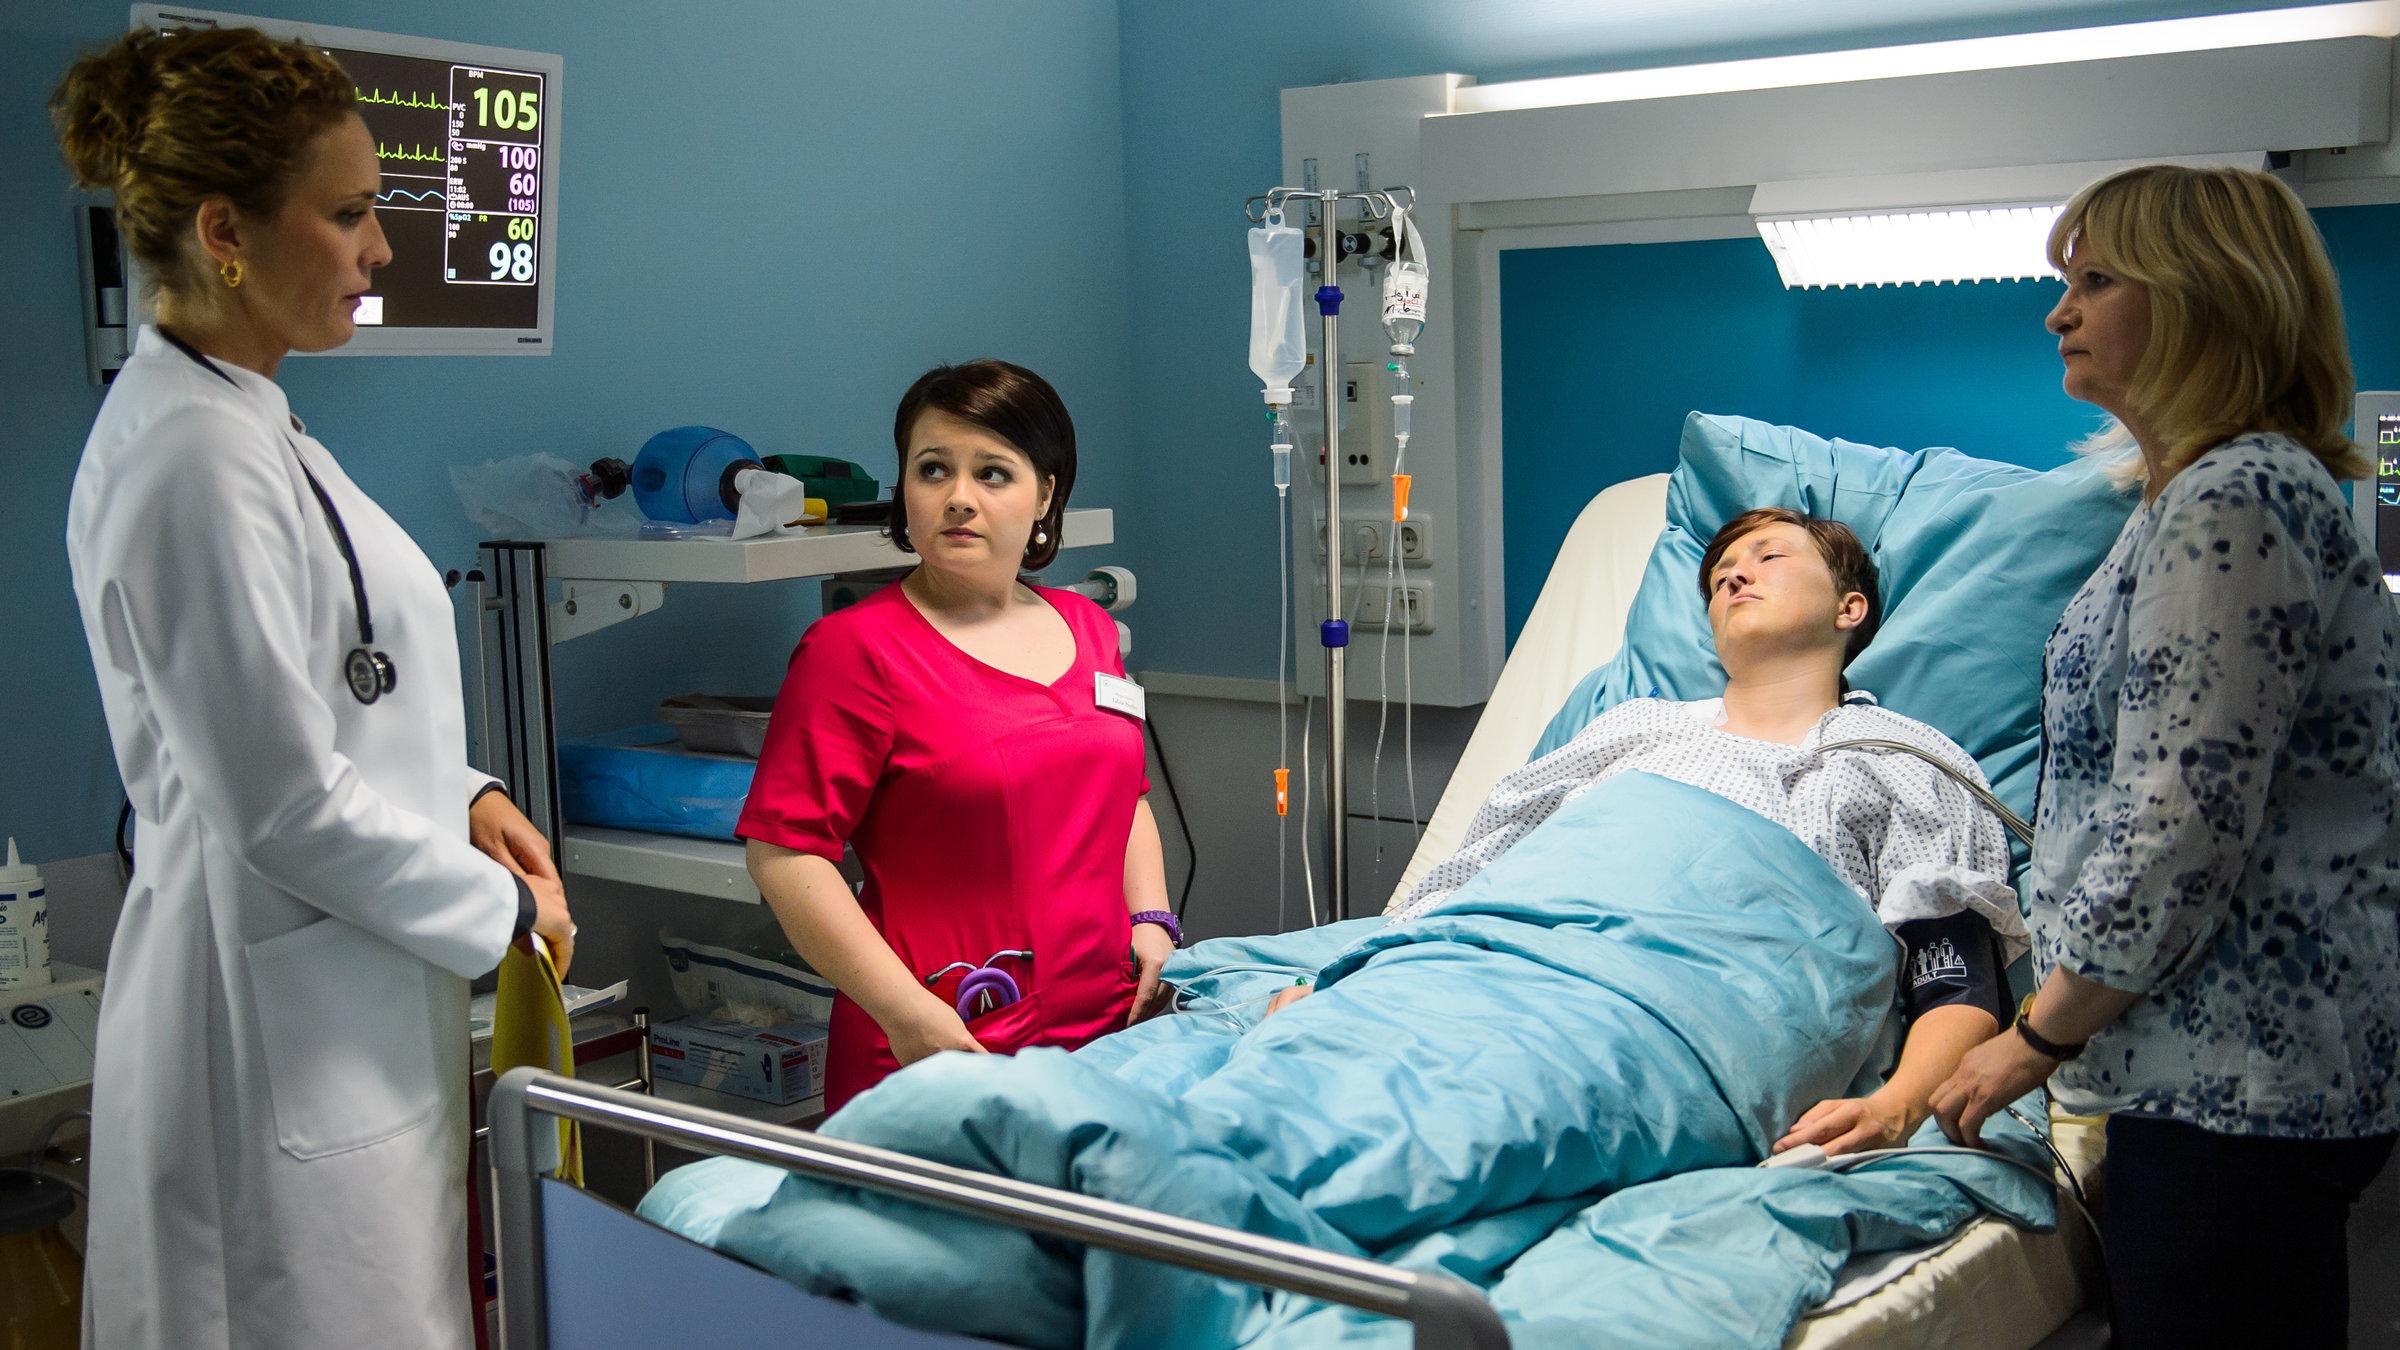 Bettys diagnose staffel 6 episodenguide